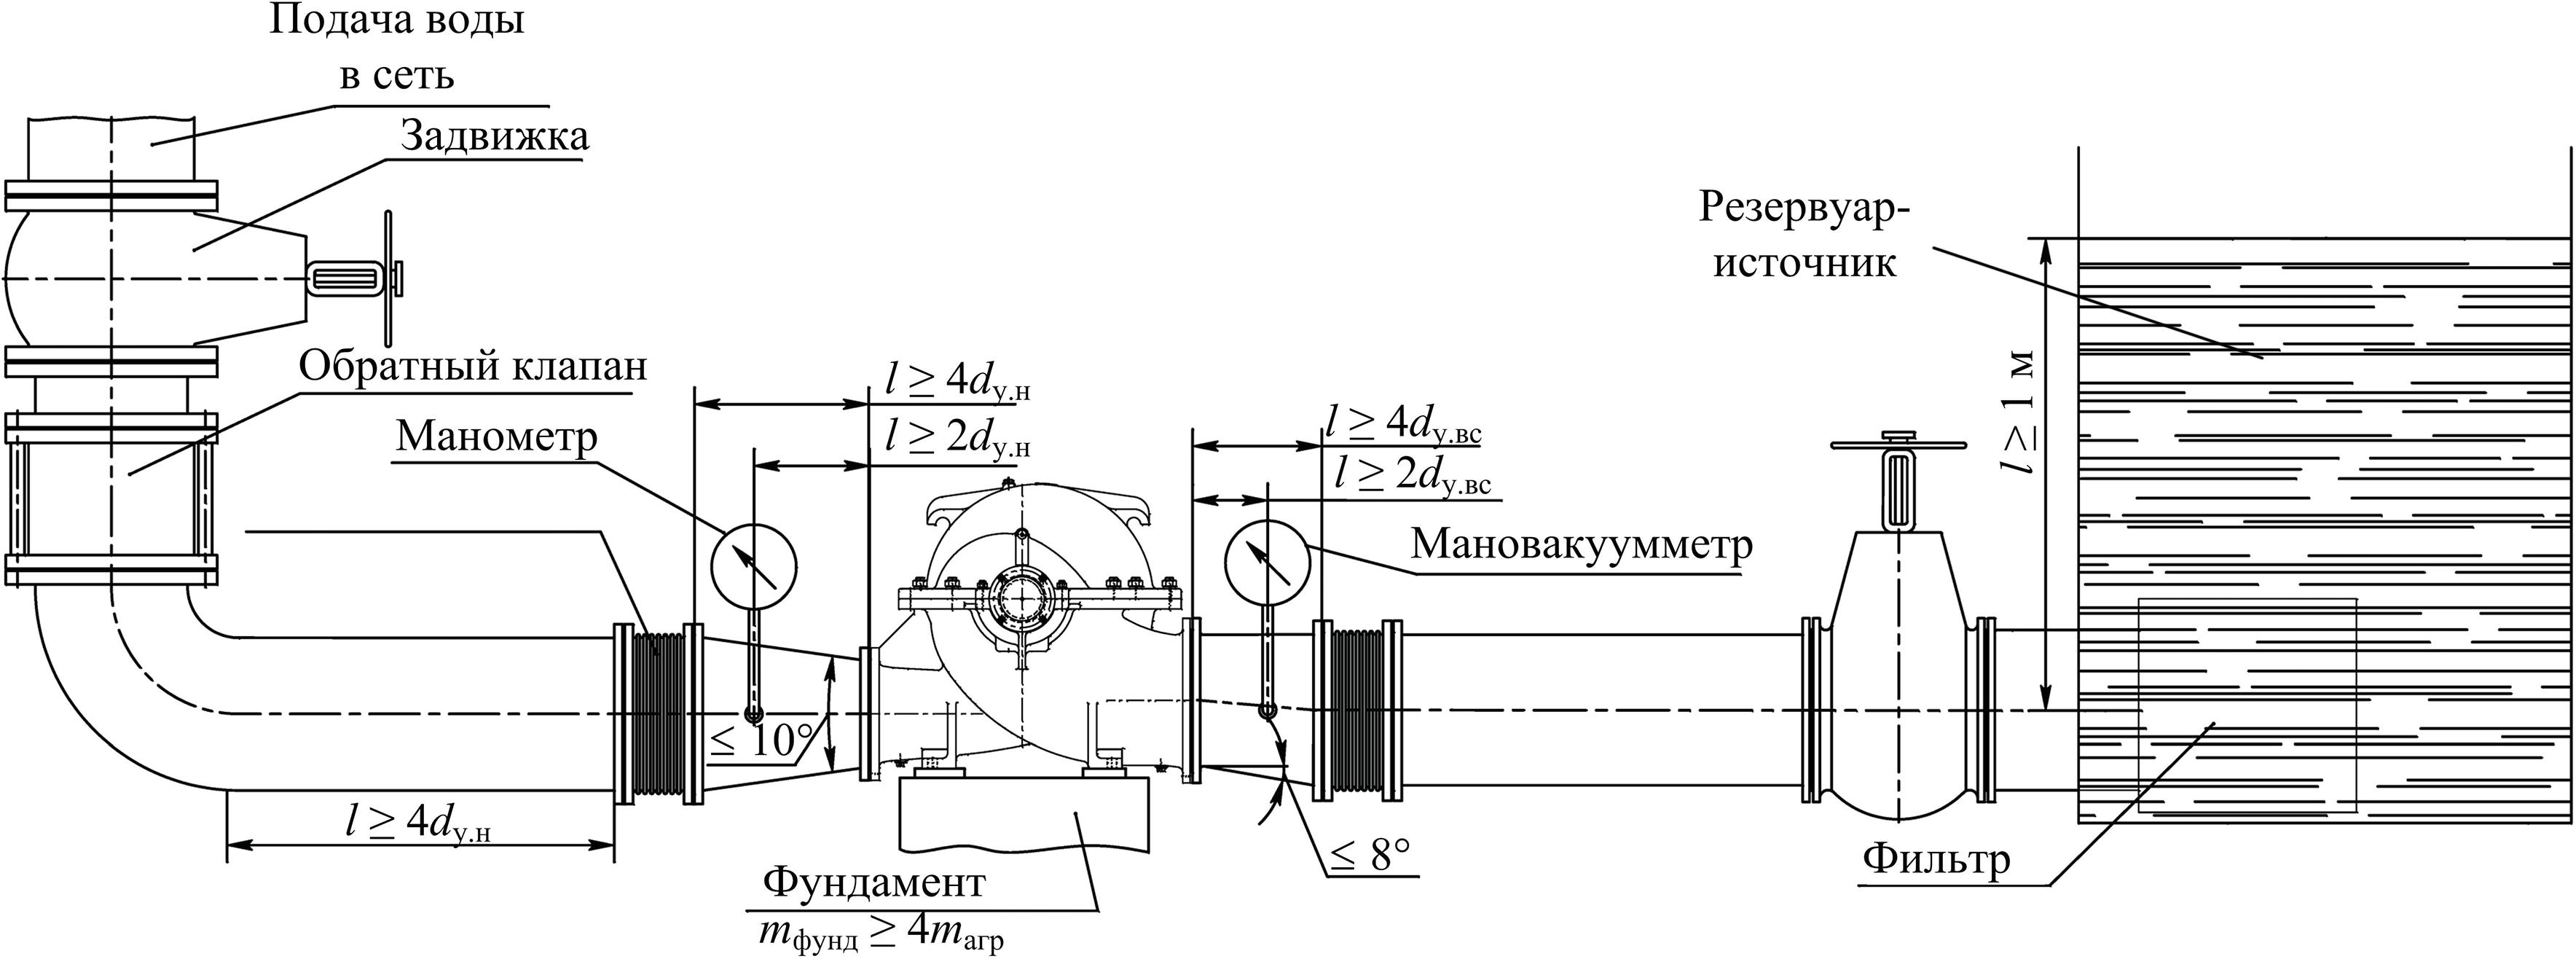 Центробежный насосный агрегат, расположенный ниже уровня воды в резервуаре-приемнике